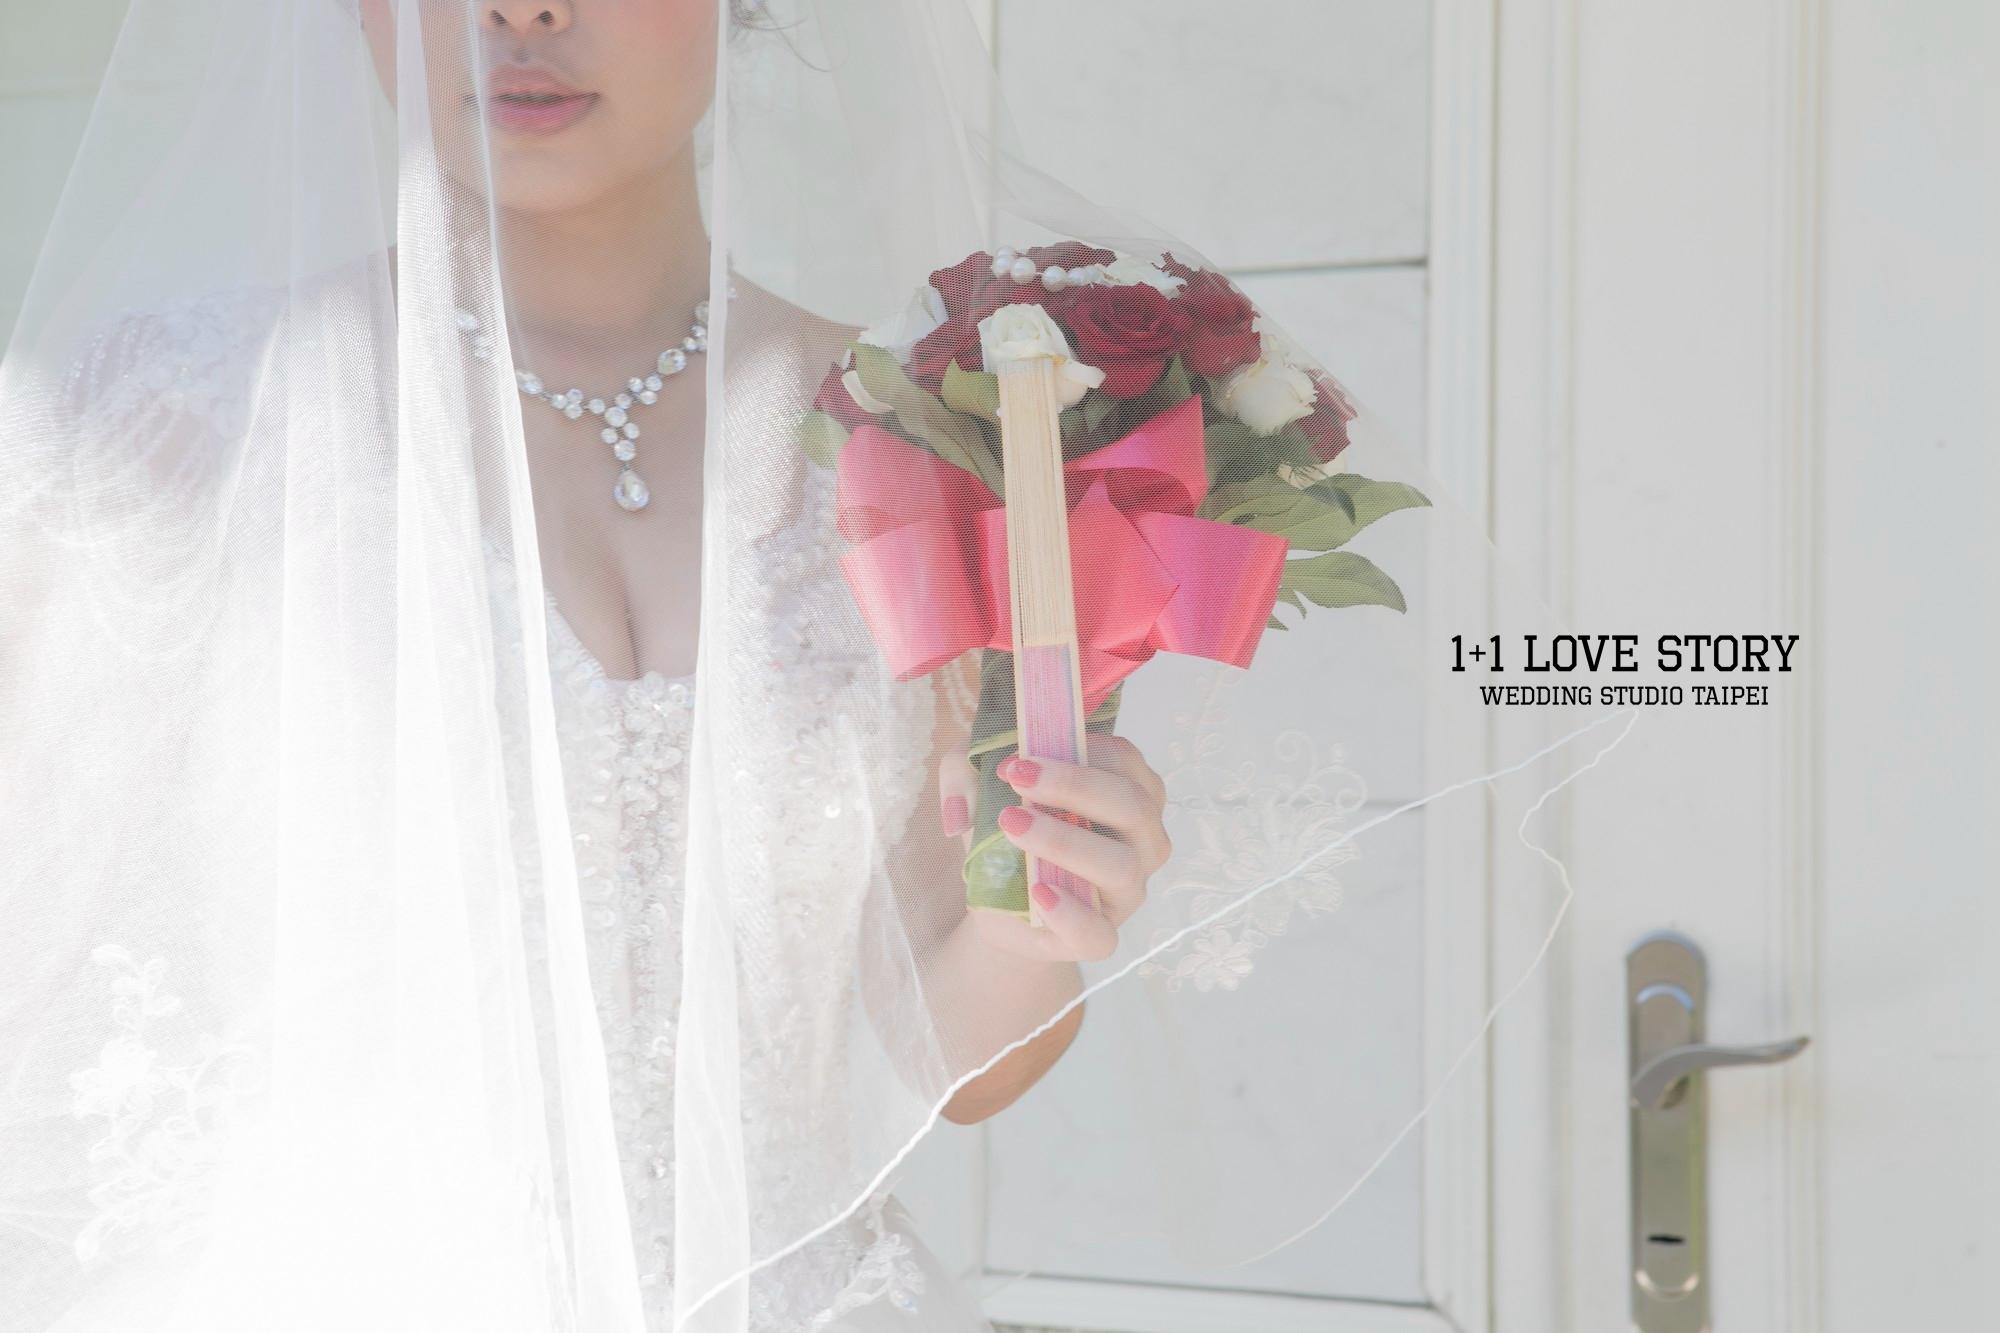 新娘捧花,捧花,結婚道具,婚禮周邊